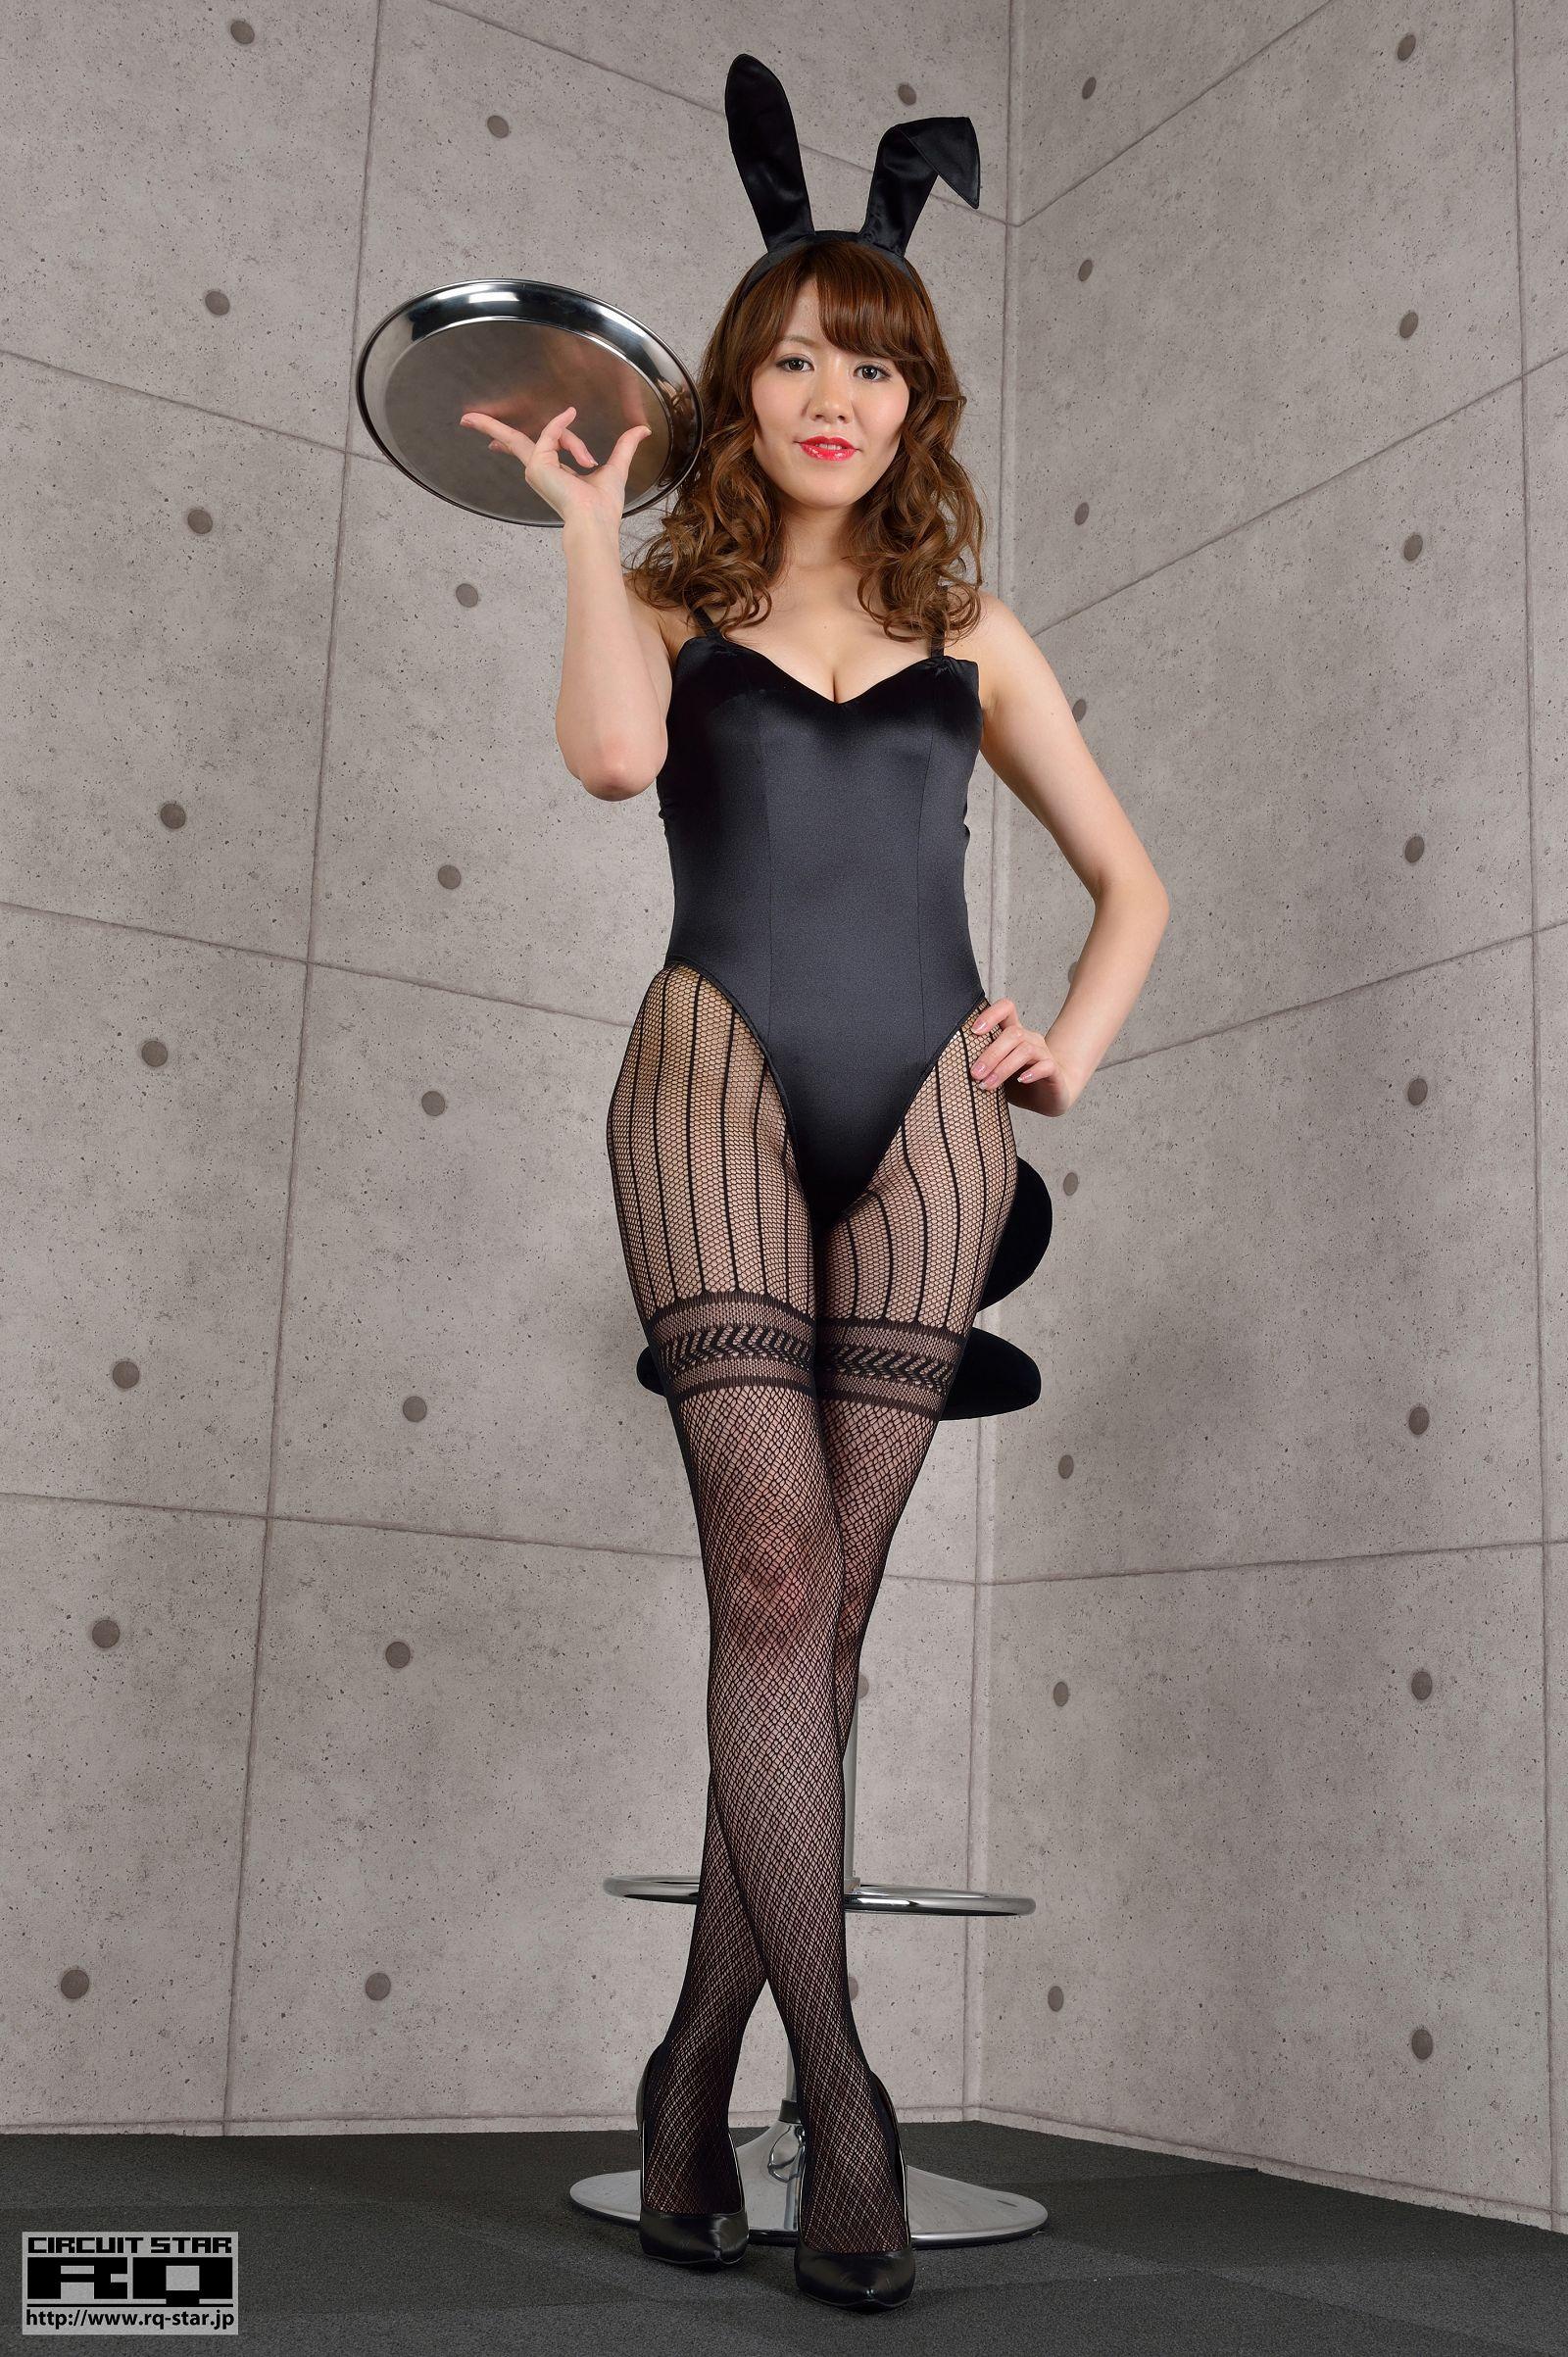 [RQ STAR美女] NO.00668 Mami Aizawa 相沢真美 Bunny[80P] RQ STAR 第1张